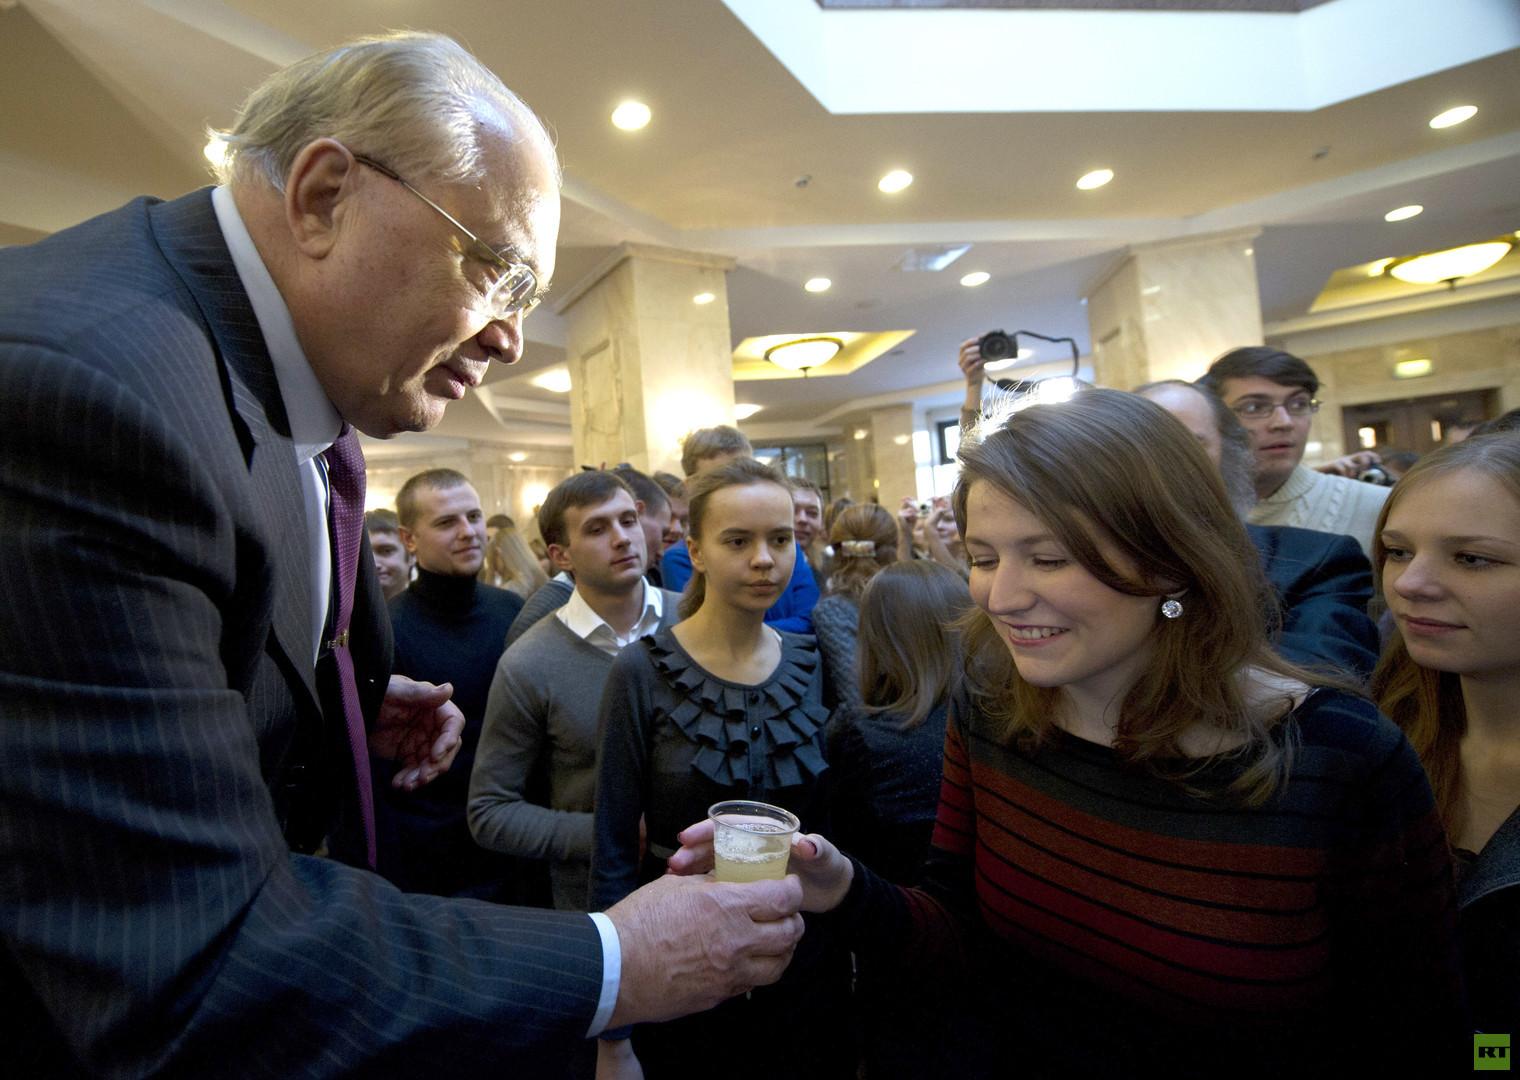 جامعة موسكو الحكومية تحتفل بعيد ميلادها الـ 260